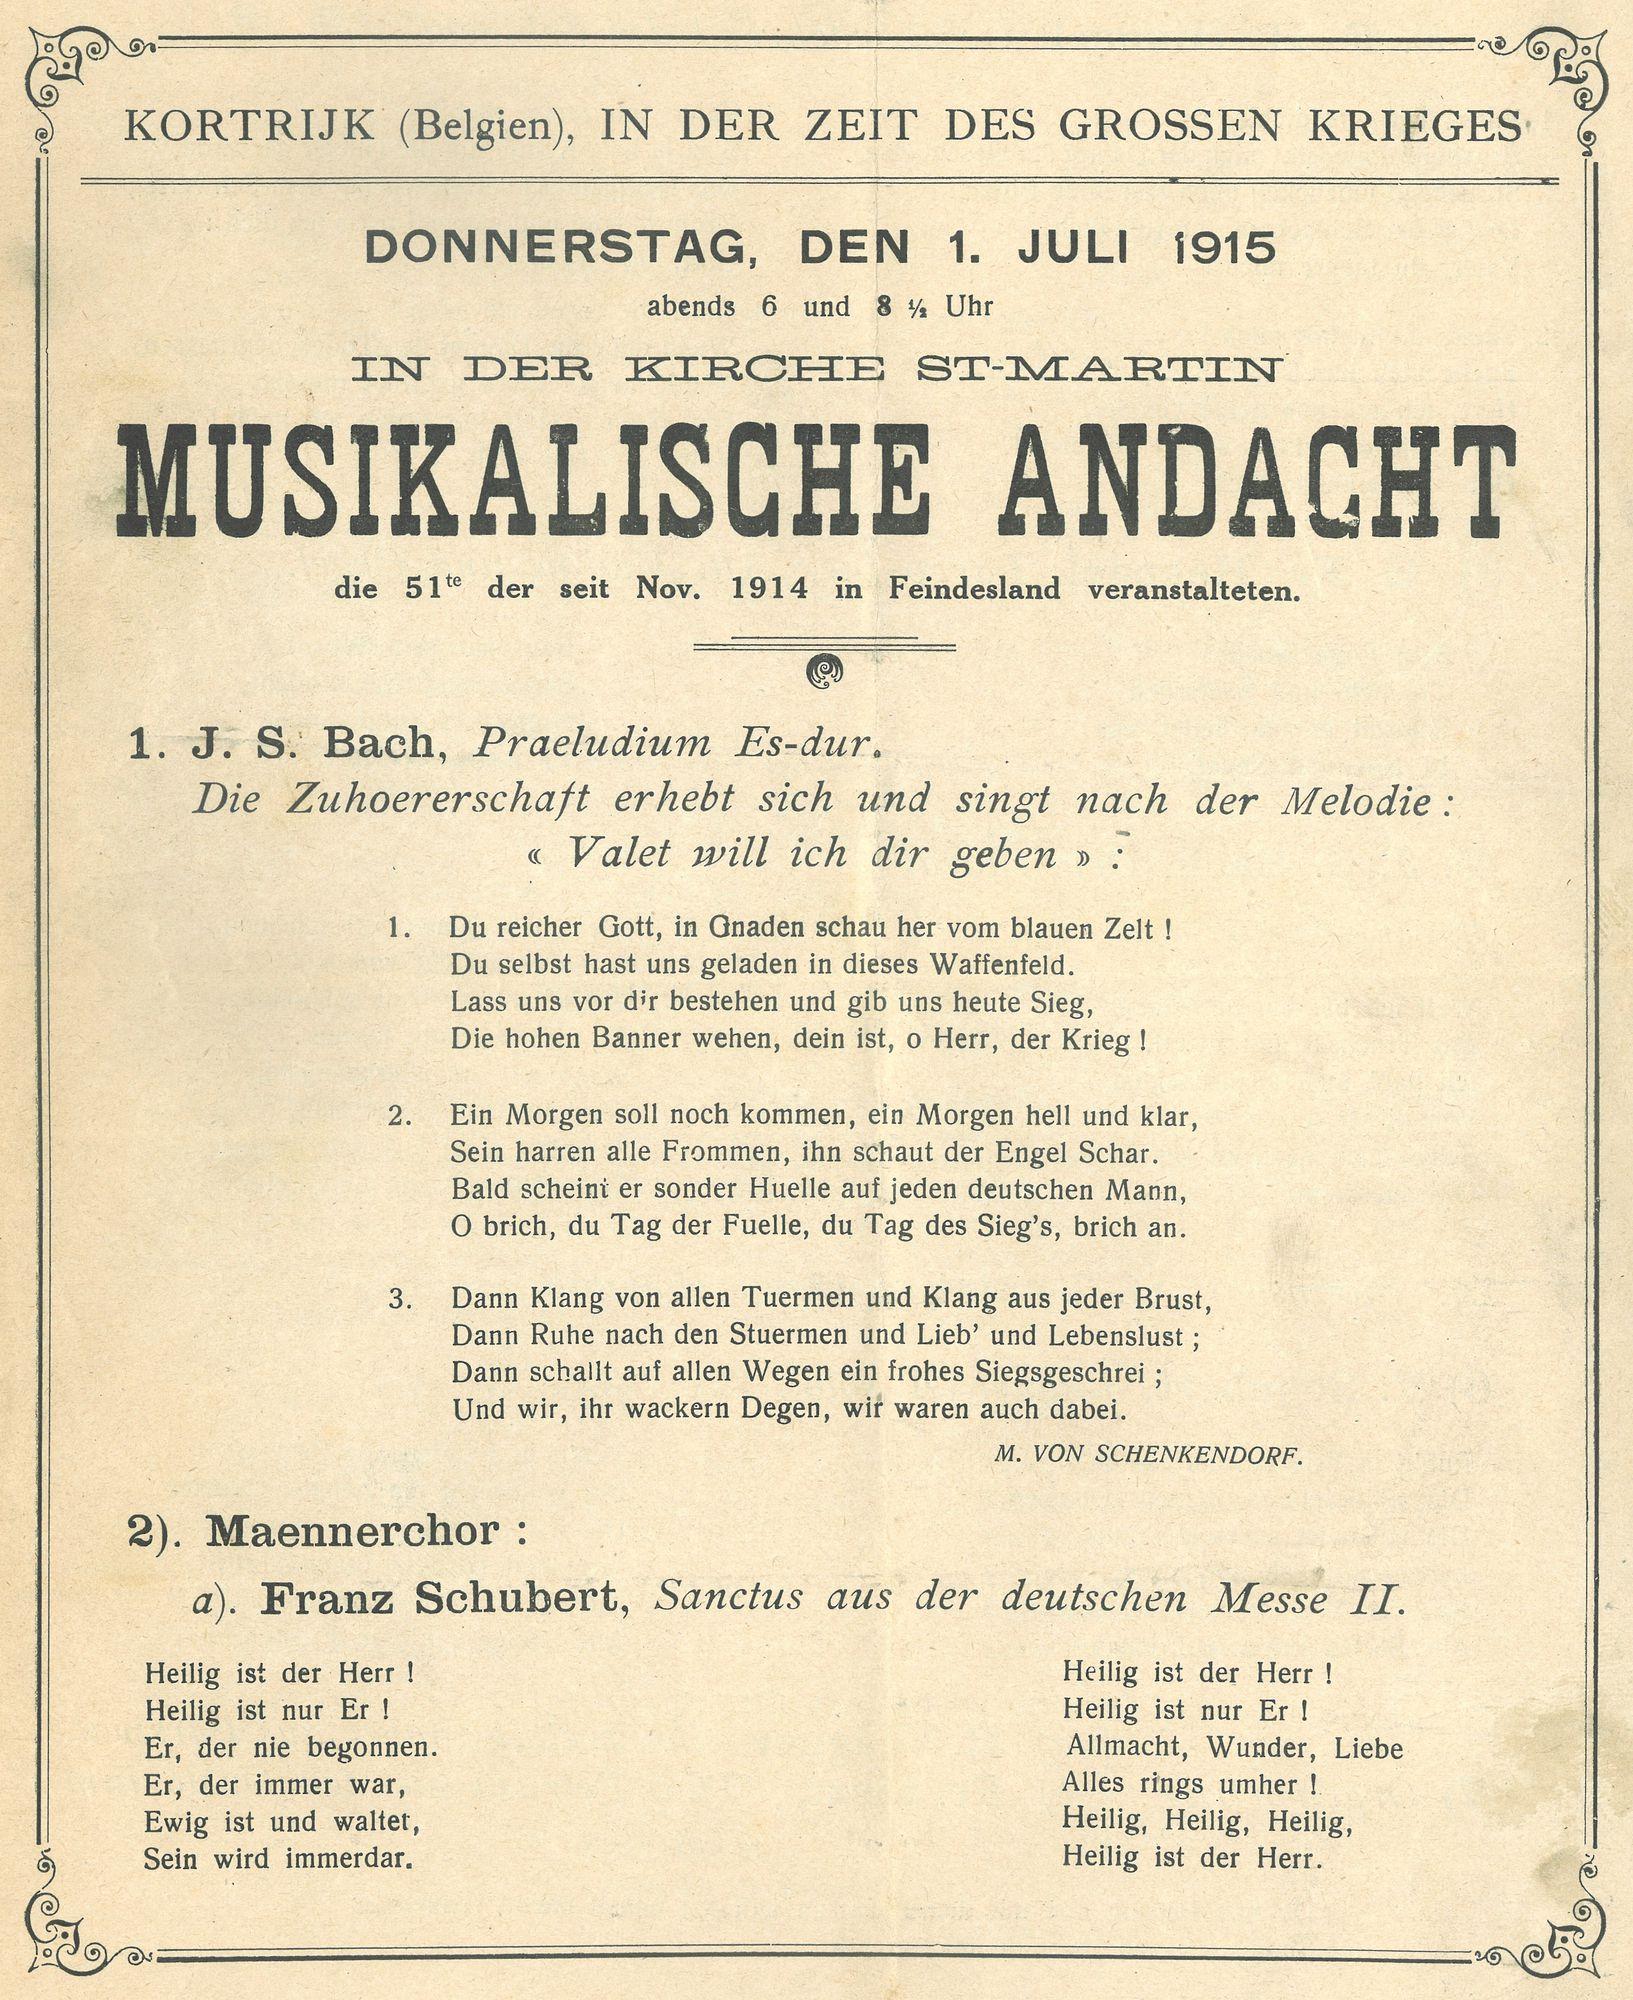 Concert in 1915